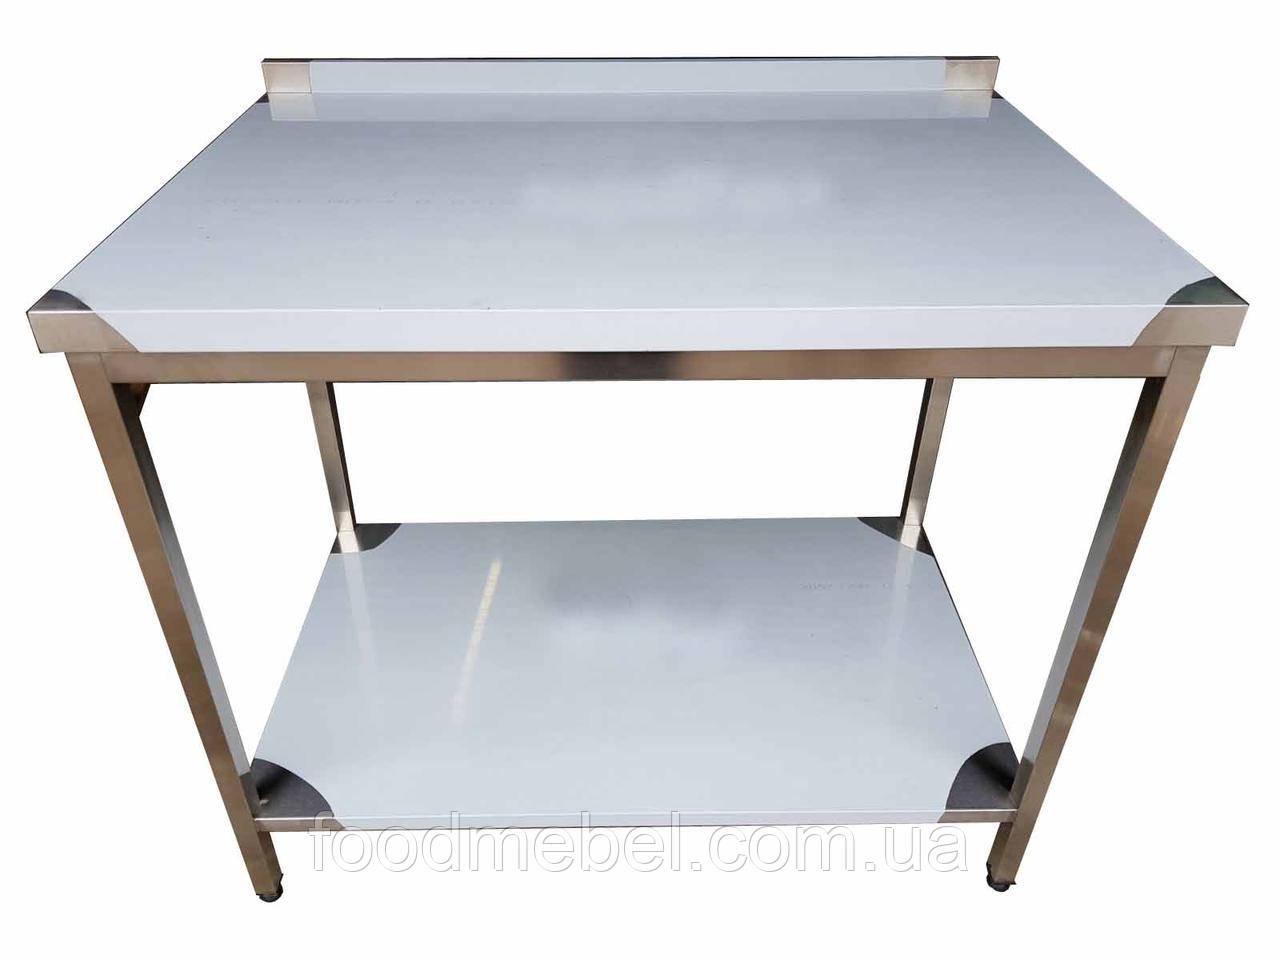 Стол разделочный с полкой из нержавеющей стали 100х60 см